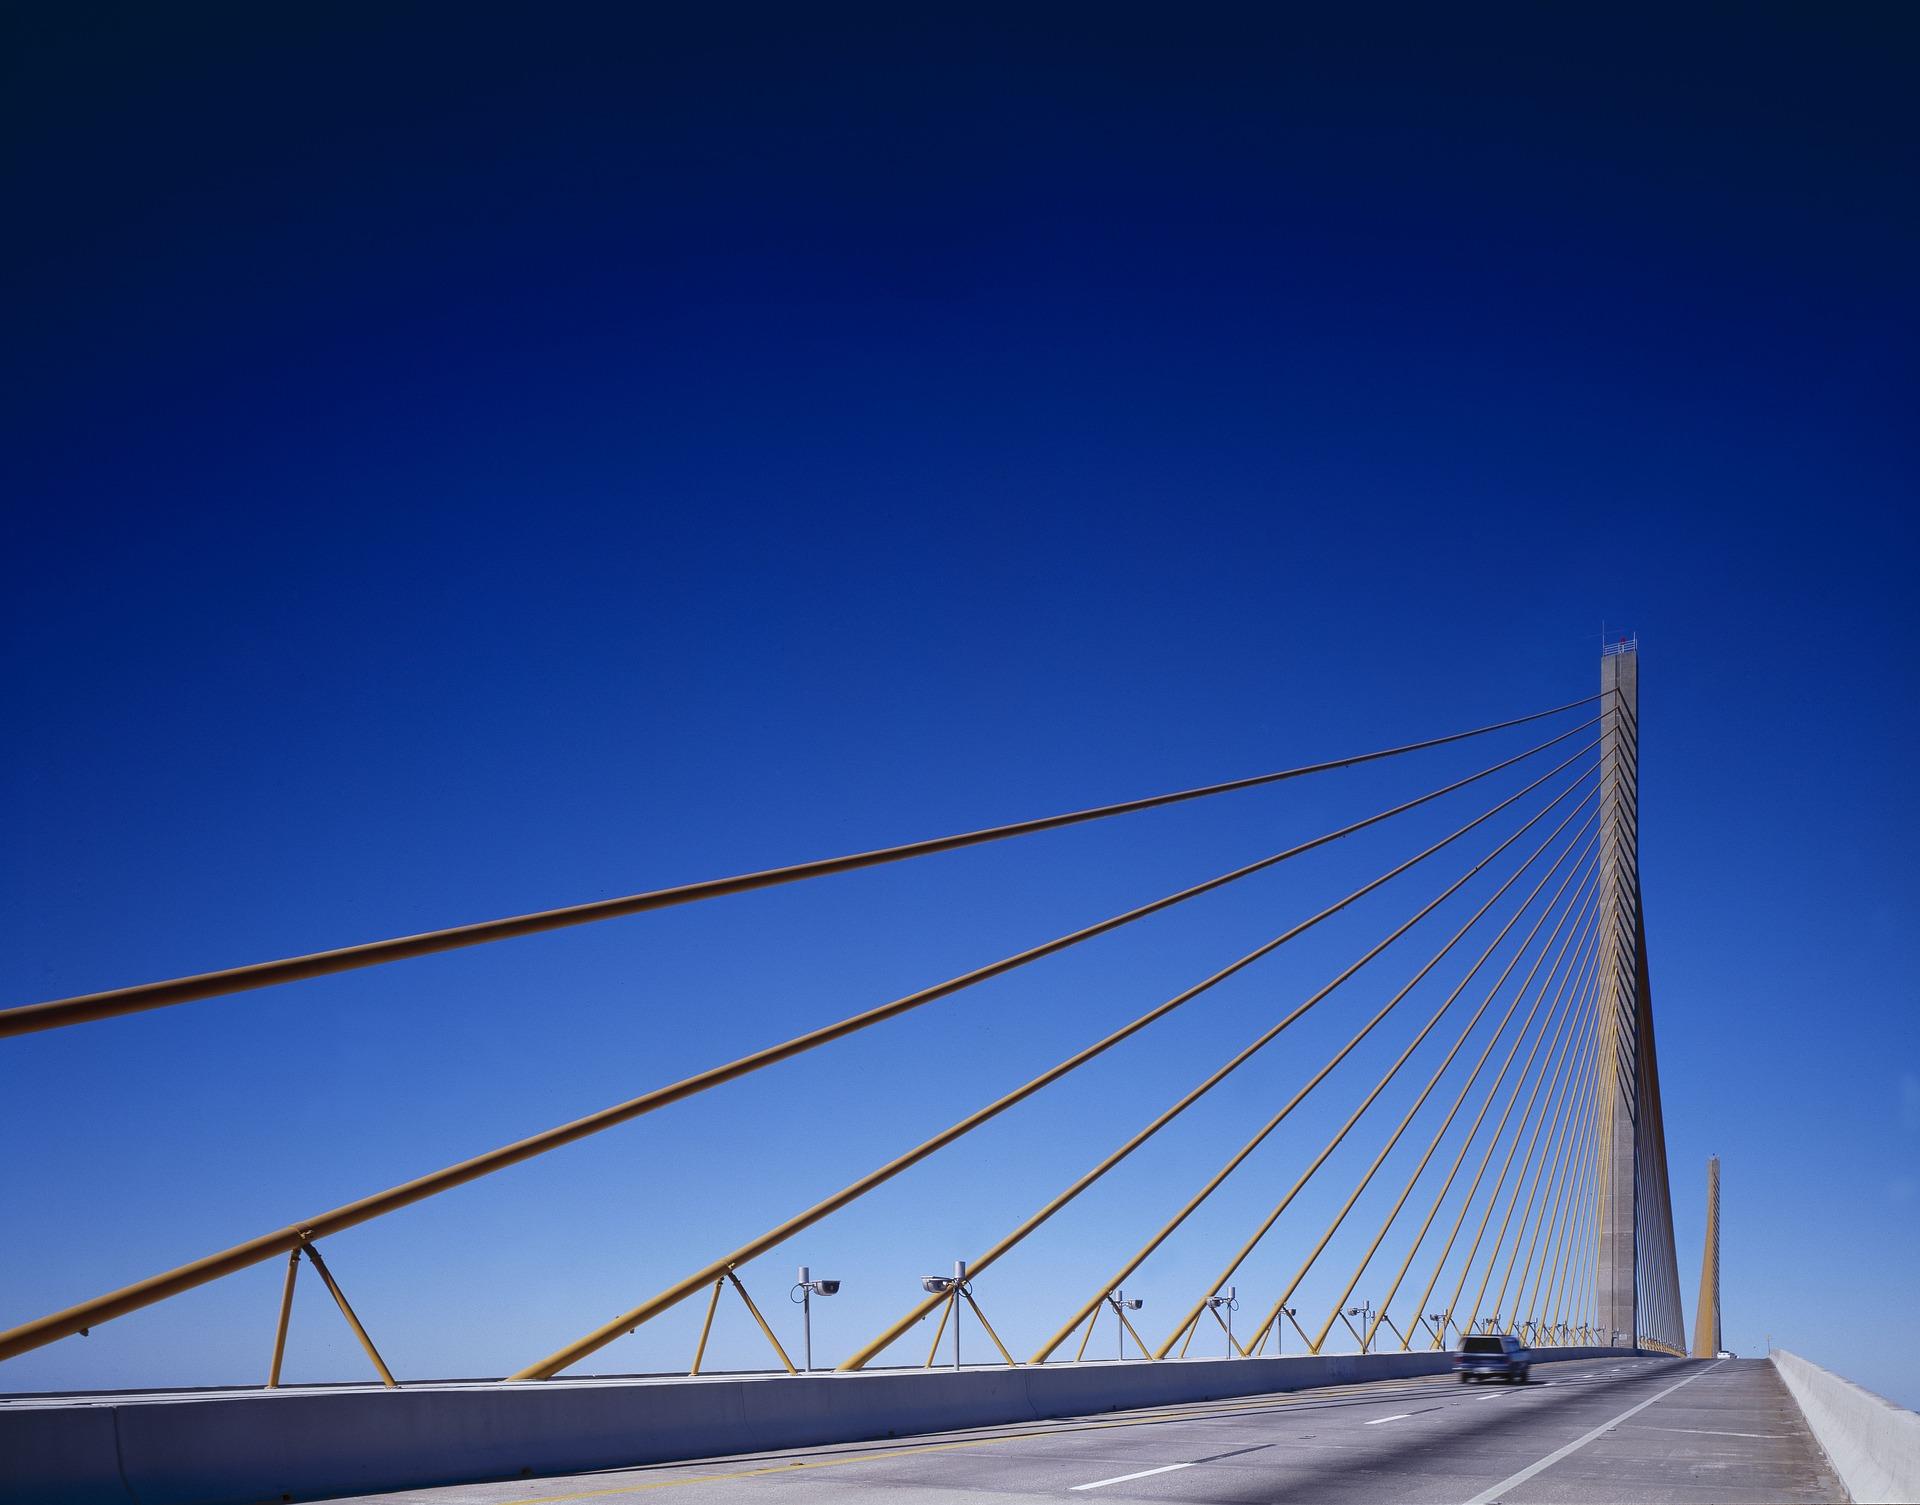 bridge-1639547_1920.jpg